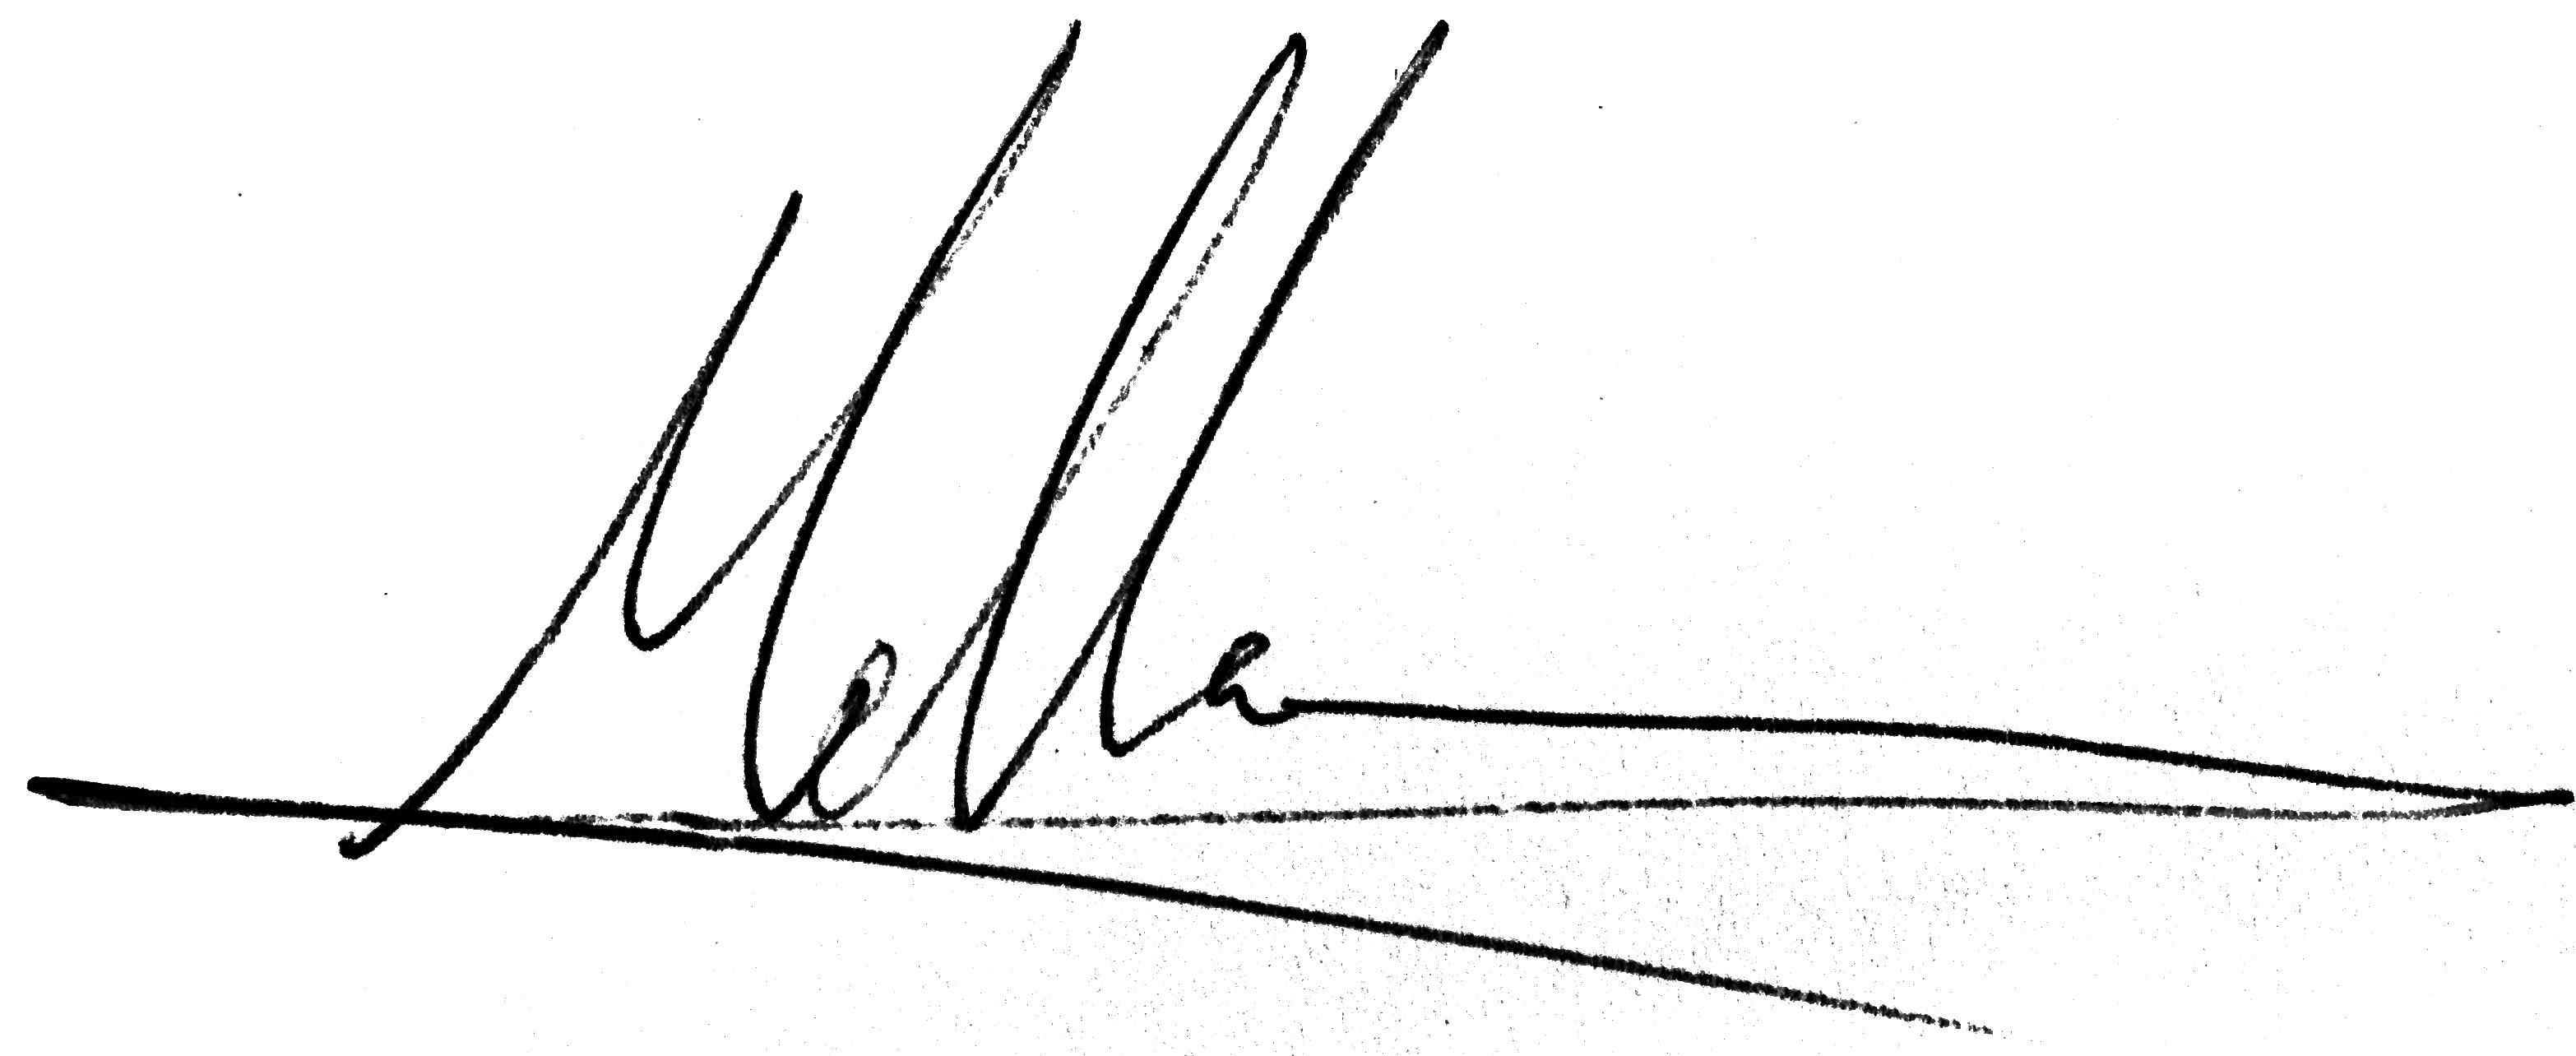 MELLA Signature